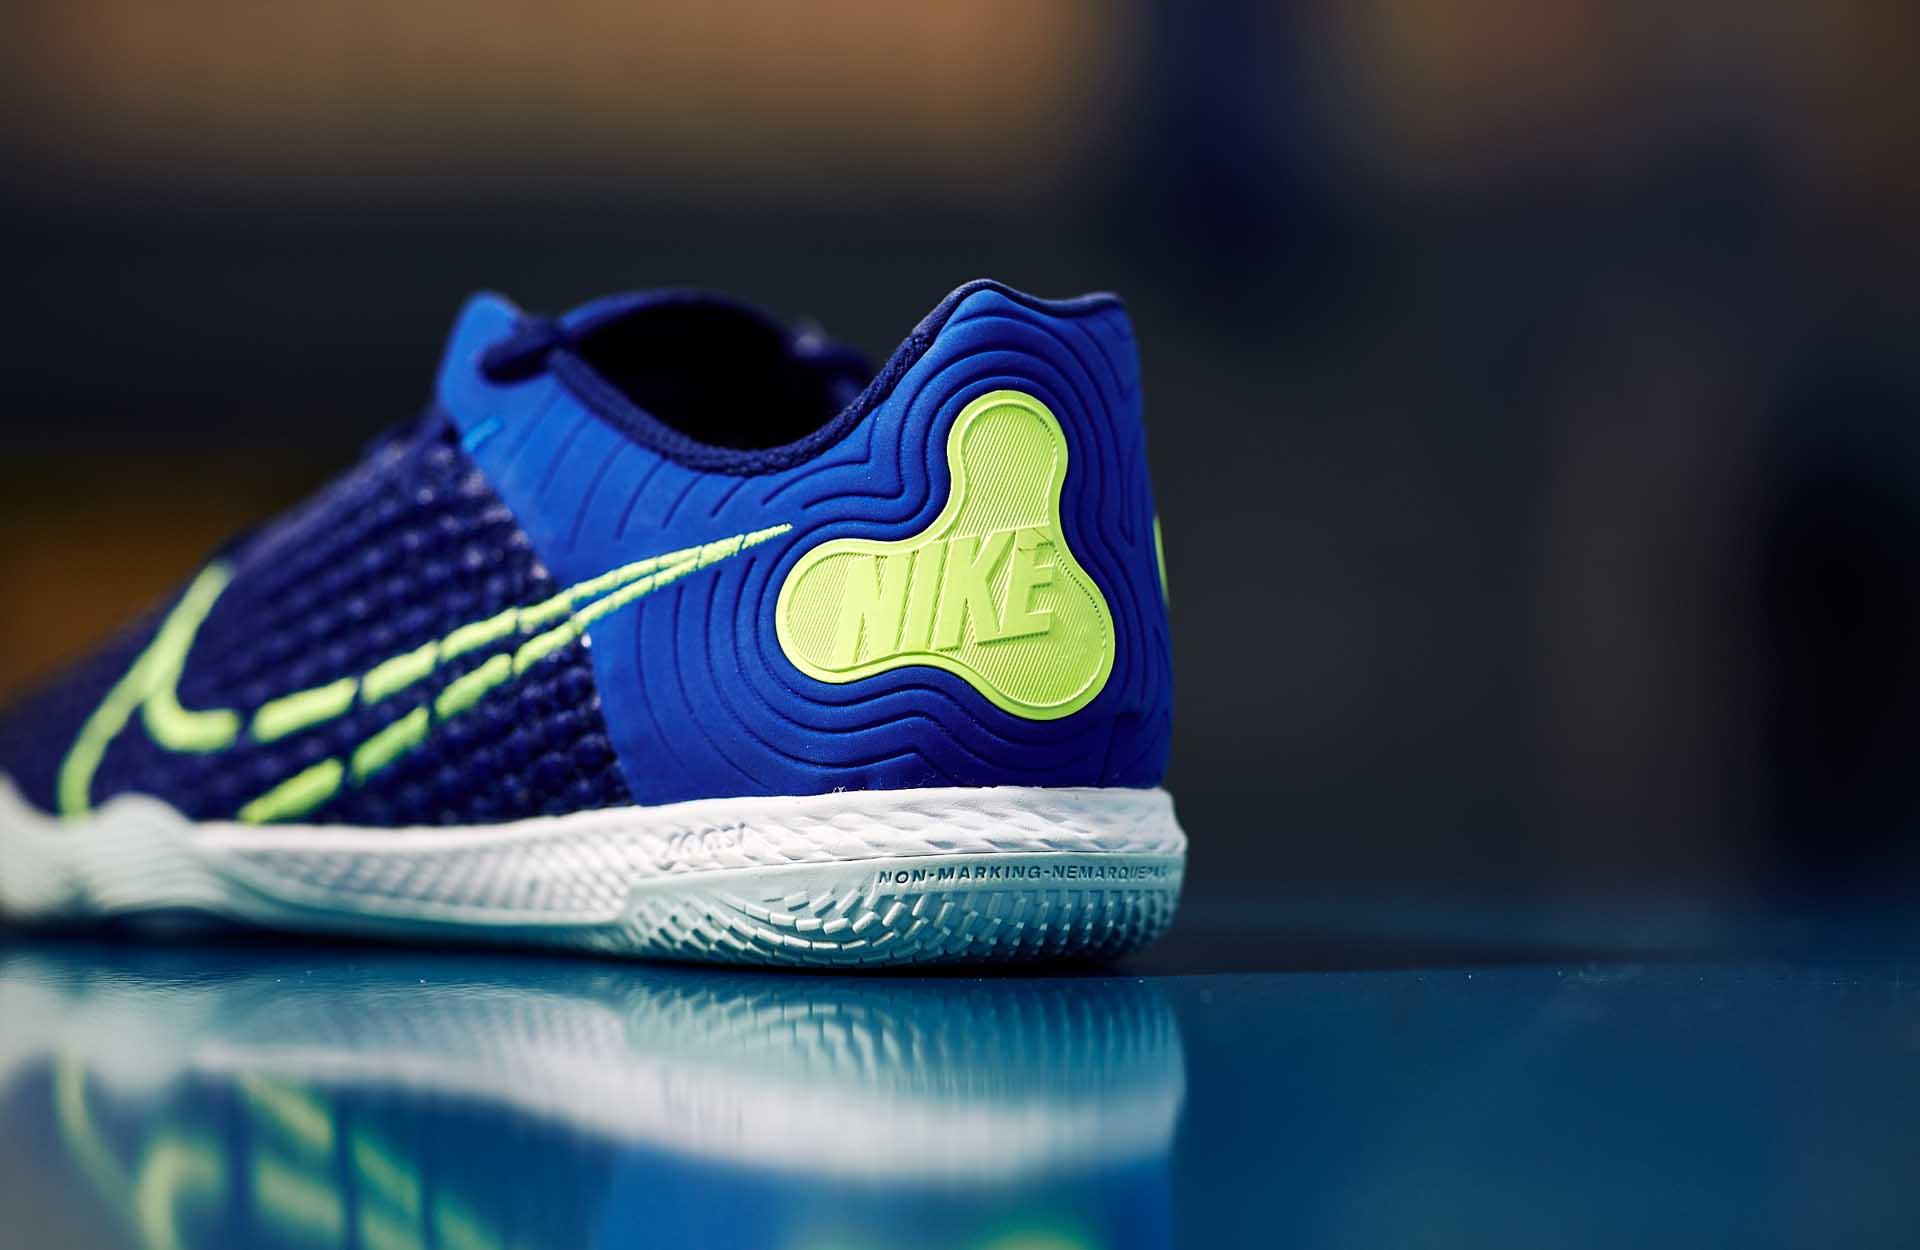 Giày bóng đá êm chân với đế giày 2 lớp sẽ bảo vệ bàn chân, khớp chân trước các tác động xấu